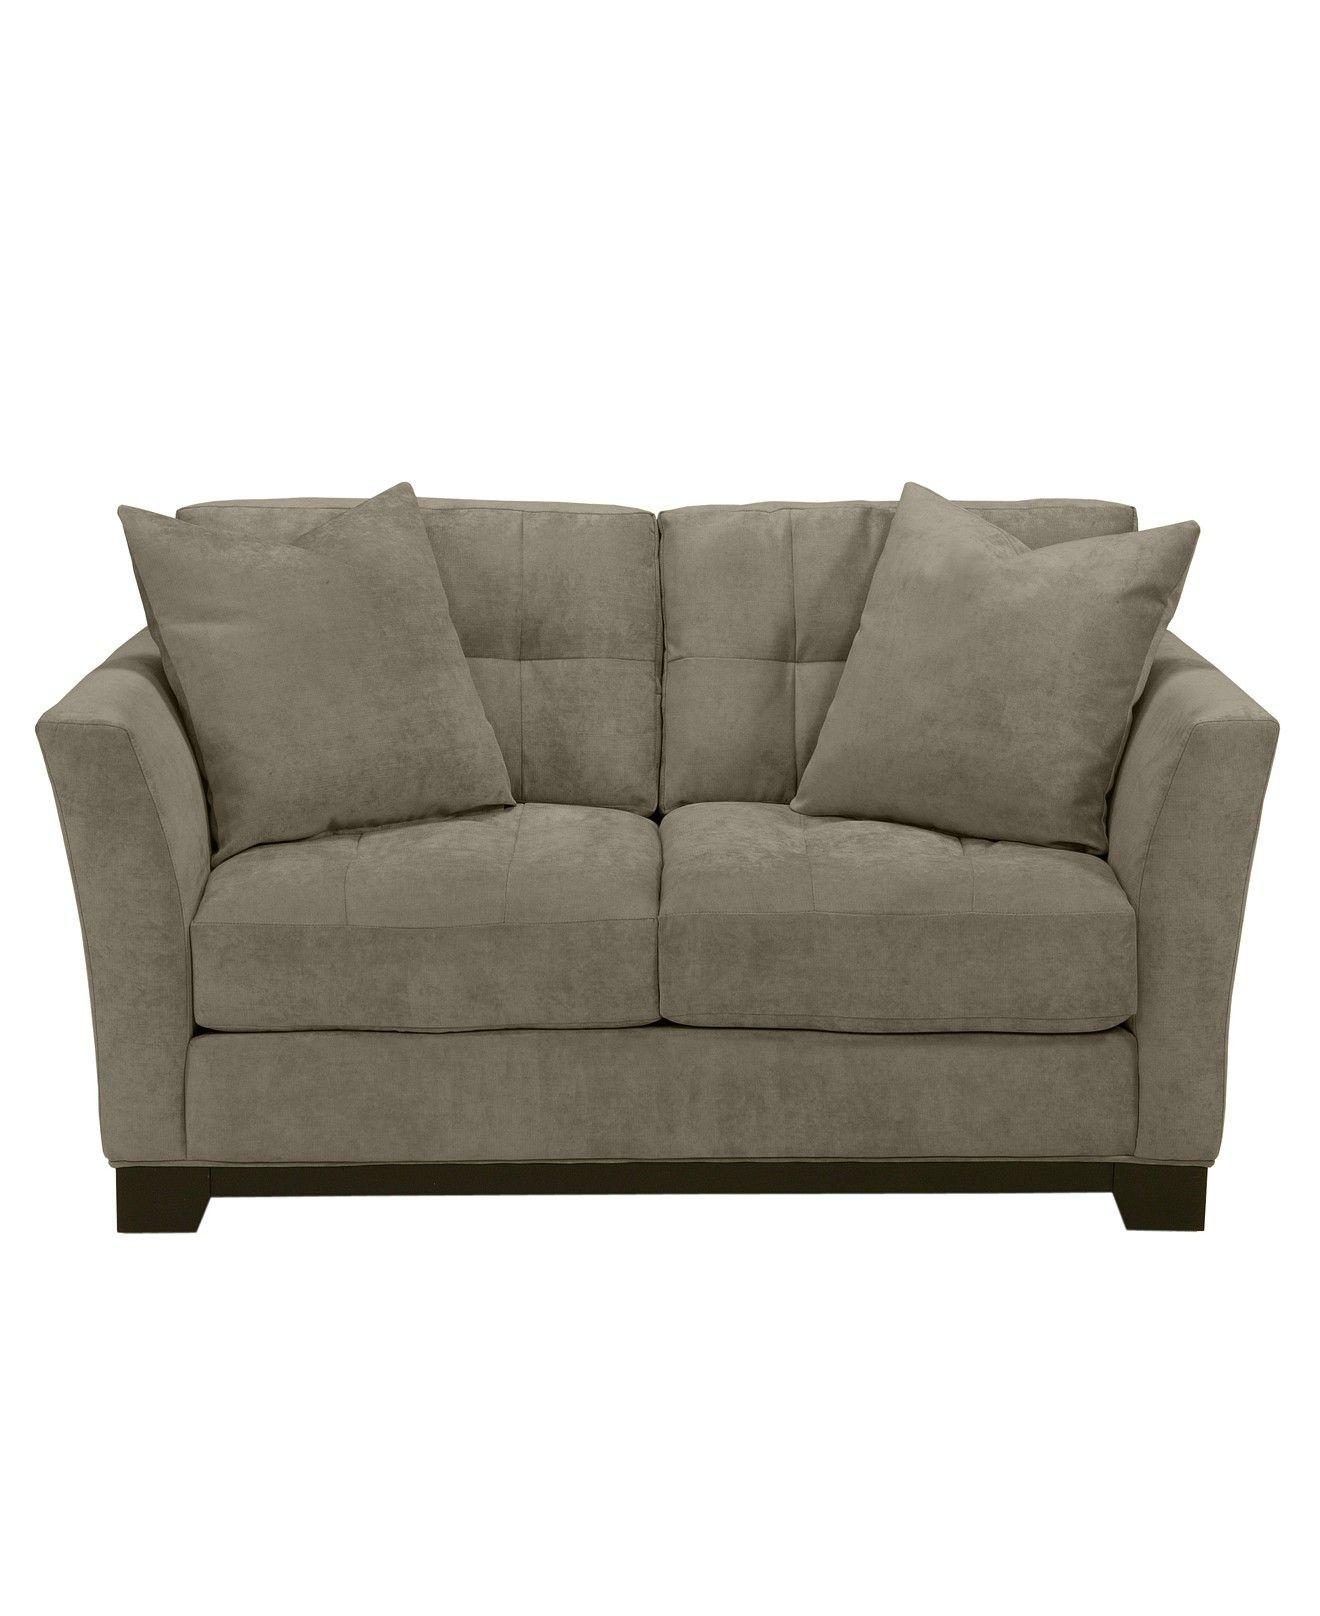 elliot fabric microfiber loveseat couches sofas furniture rh pinterest com